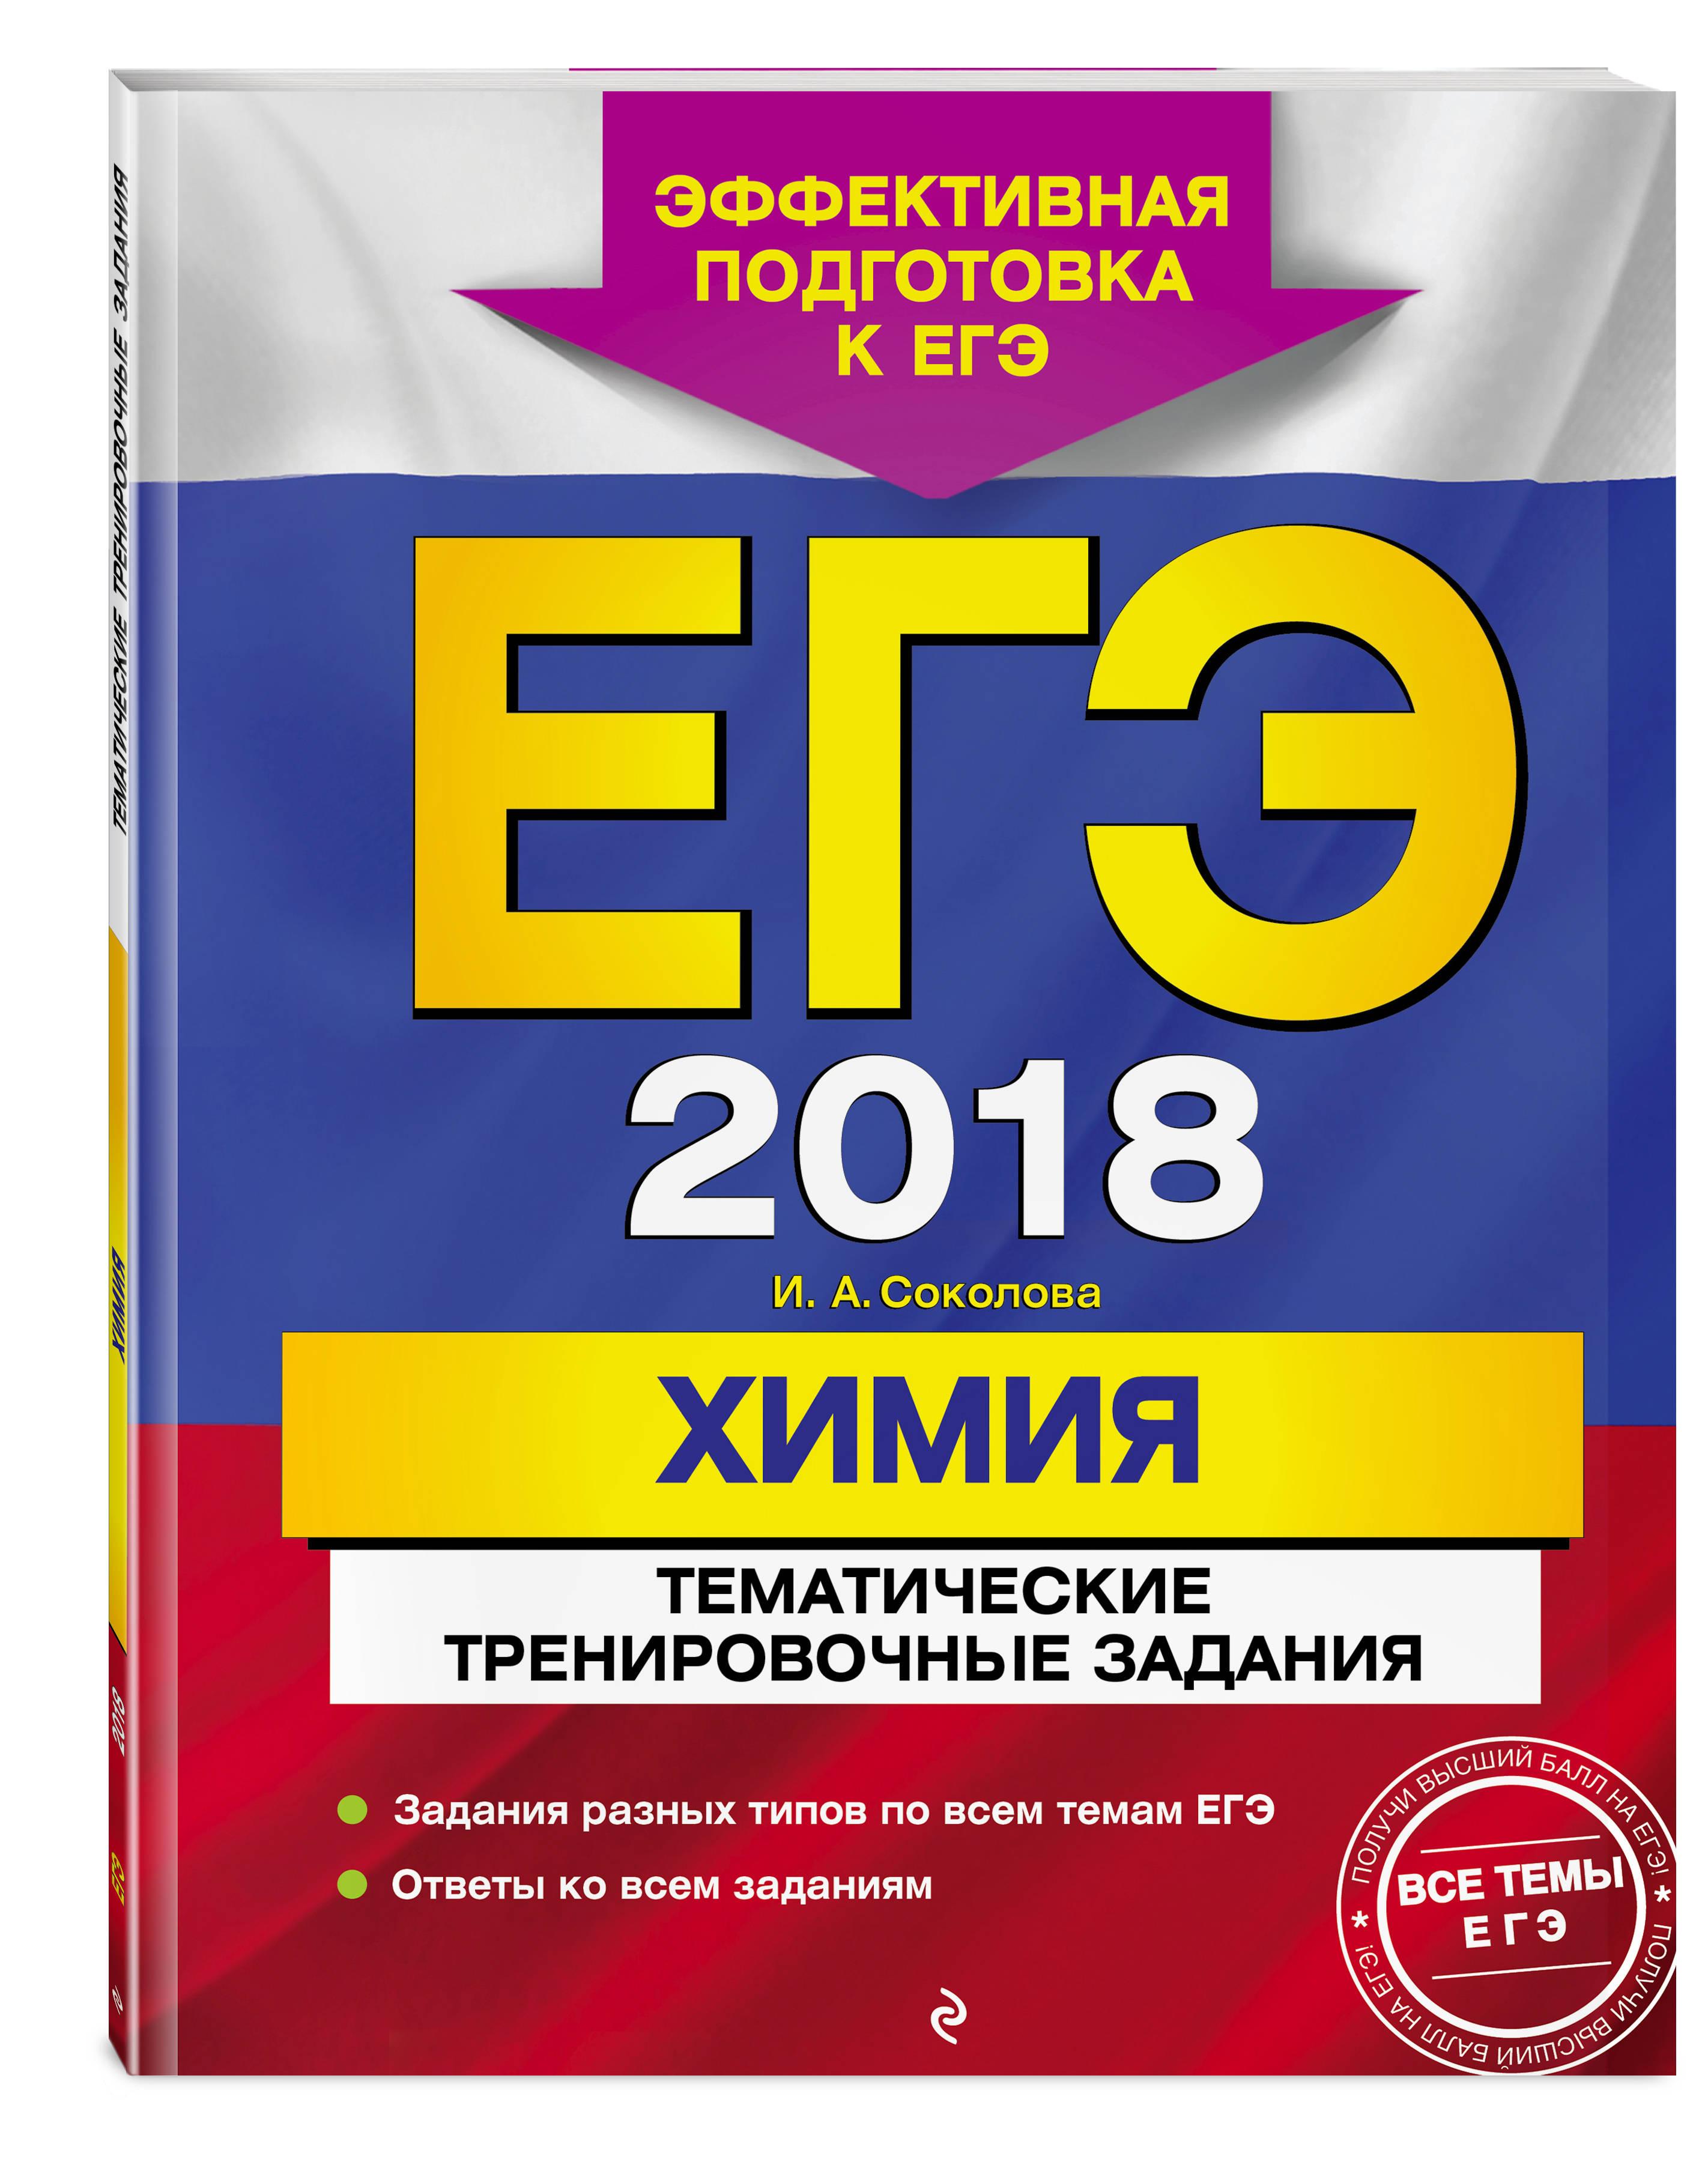 ЕГЭ-2018. Химия. Тематические тренировочные задания ( Соколова И.А.  )